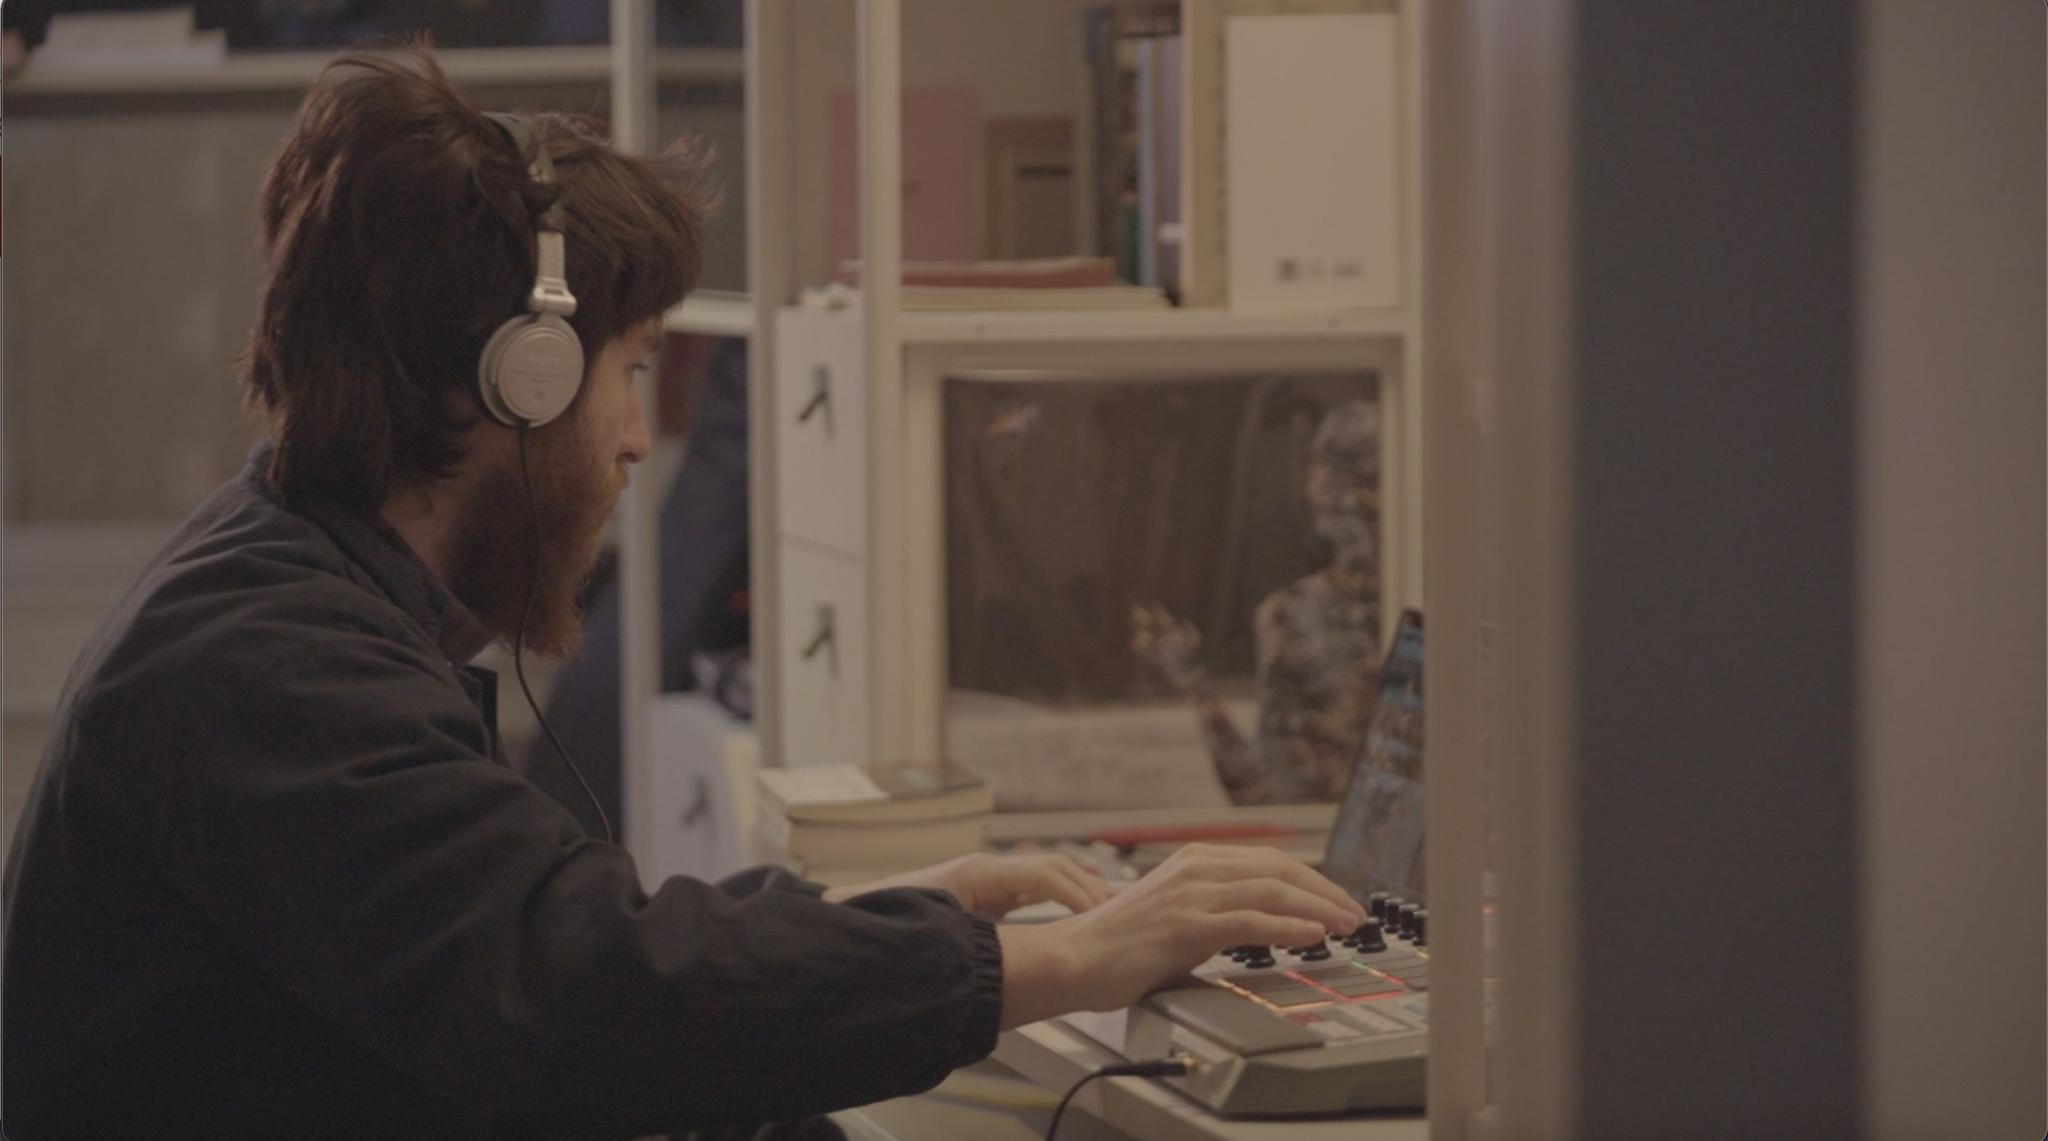 小易在家里做音乐。